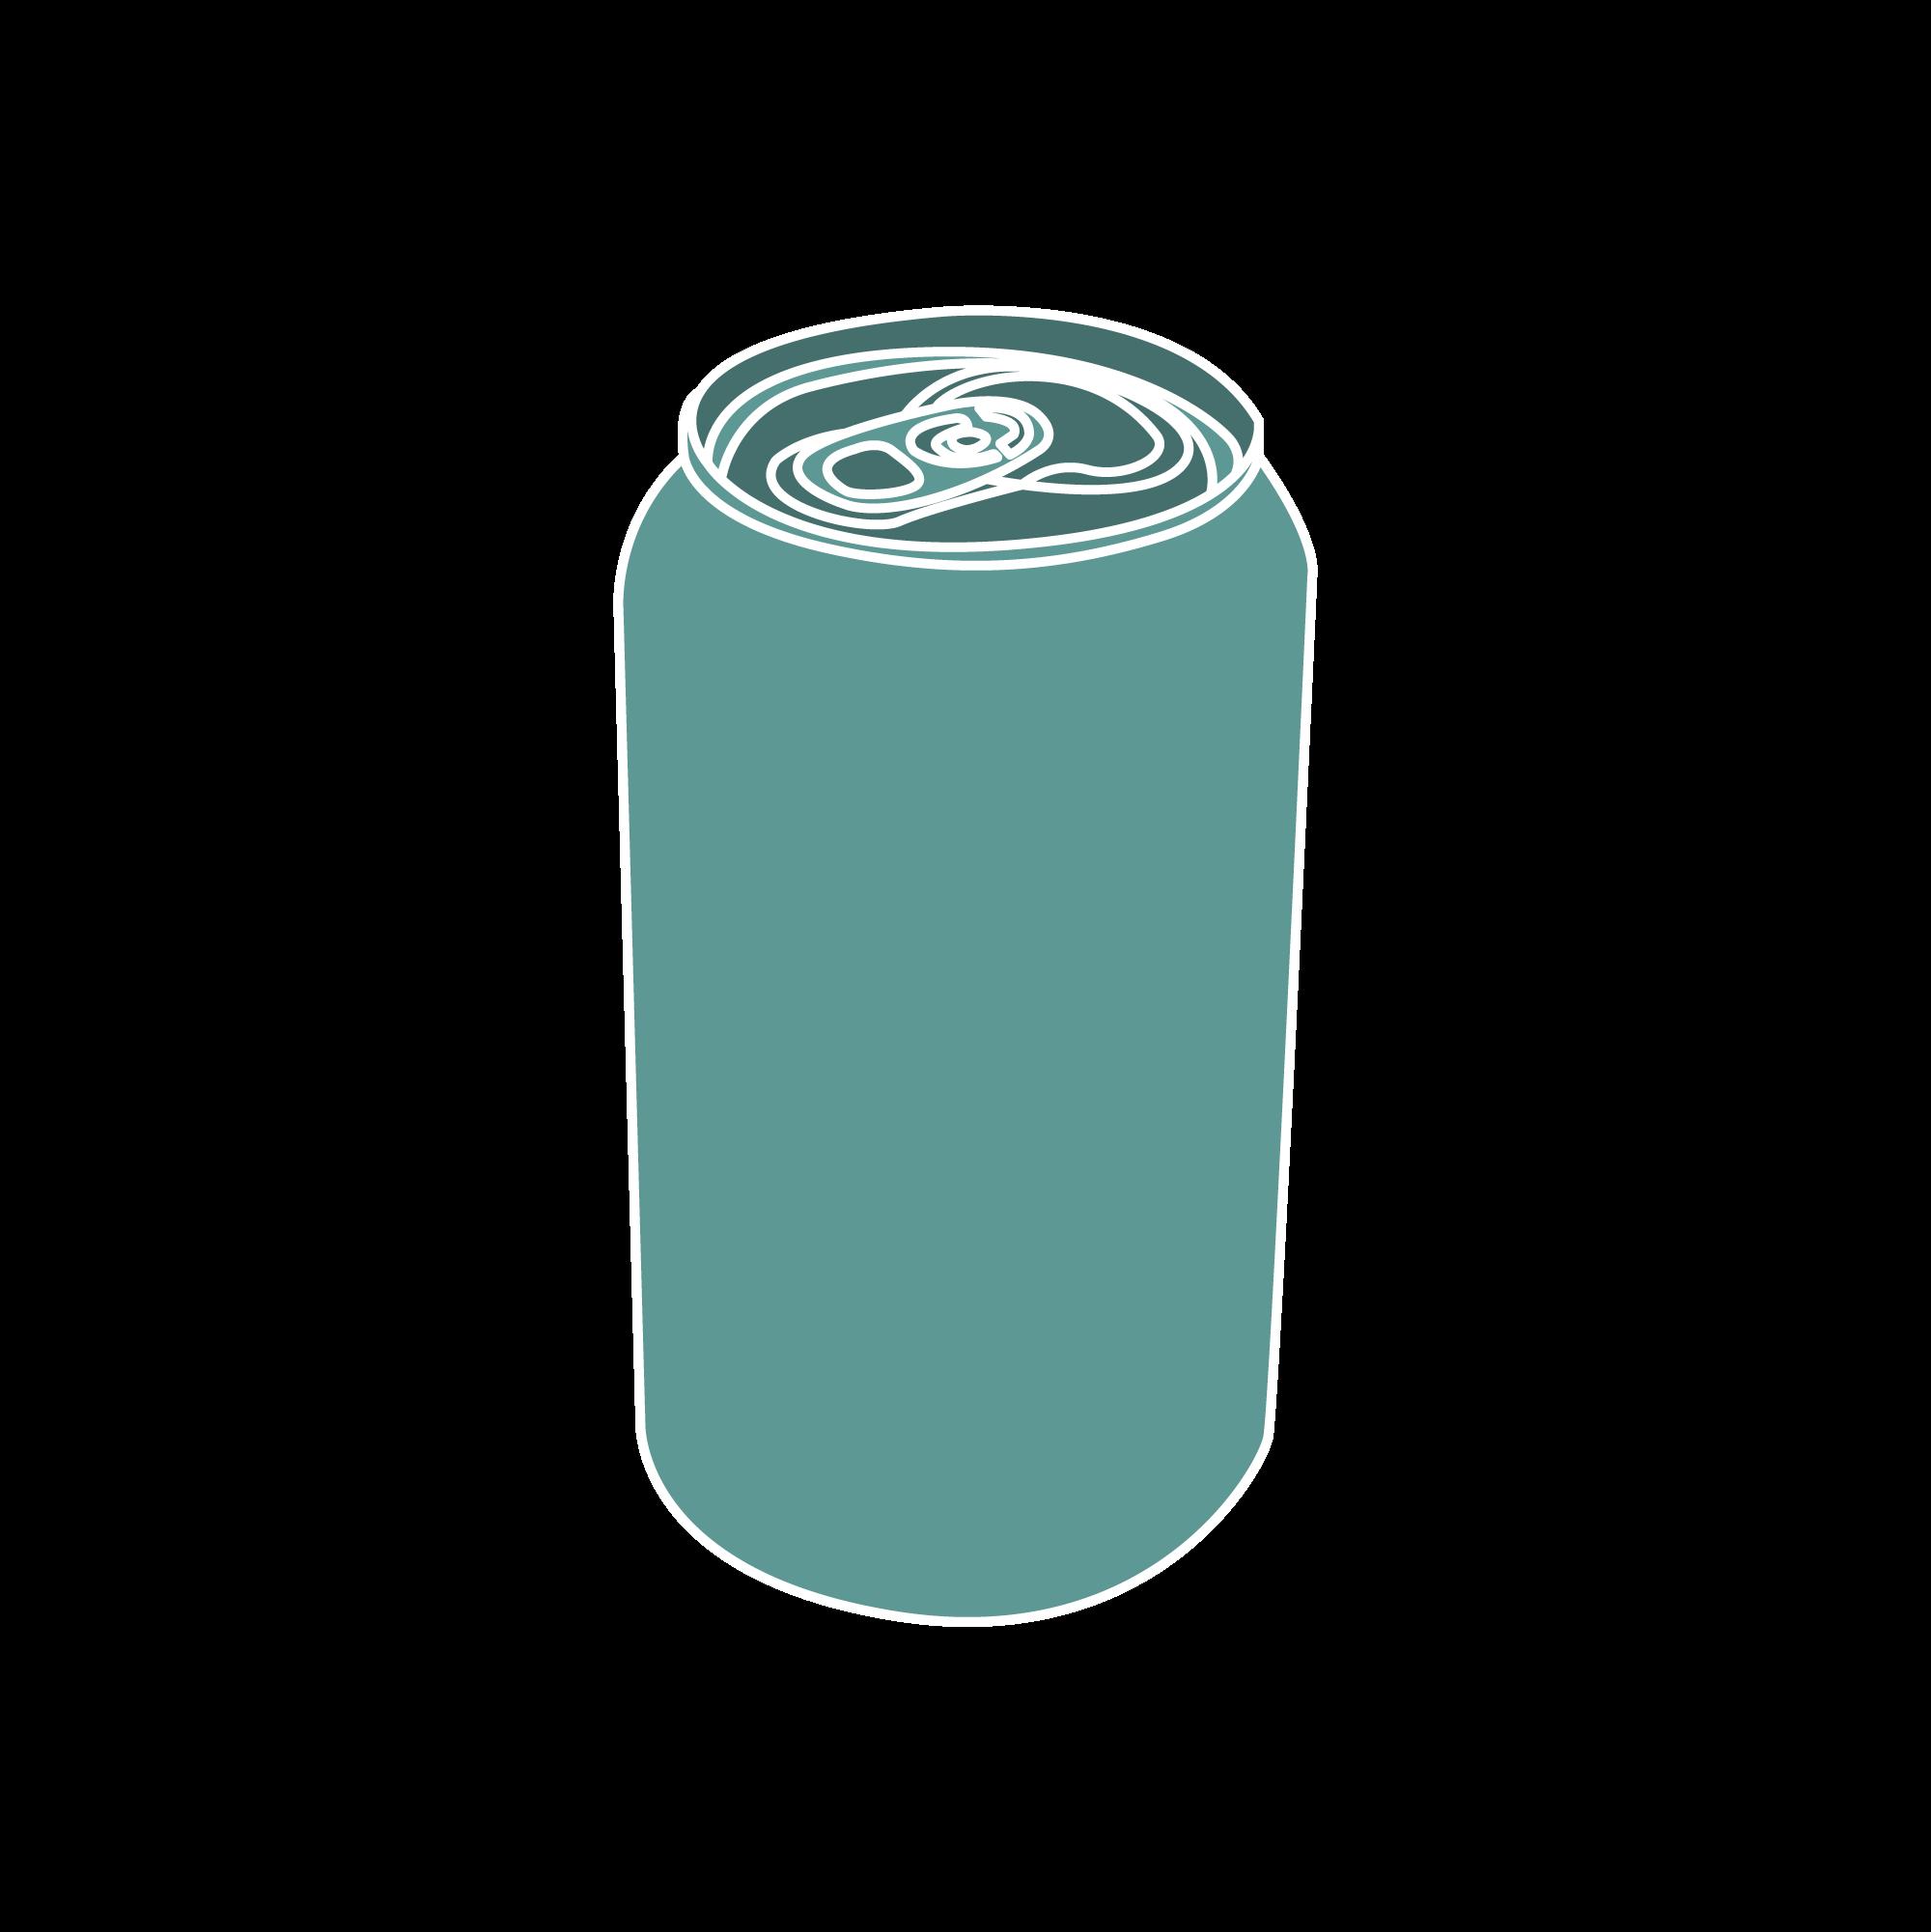 aluminum icon-02